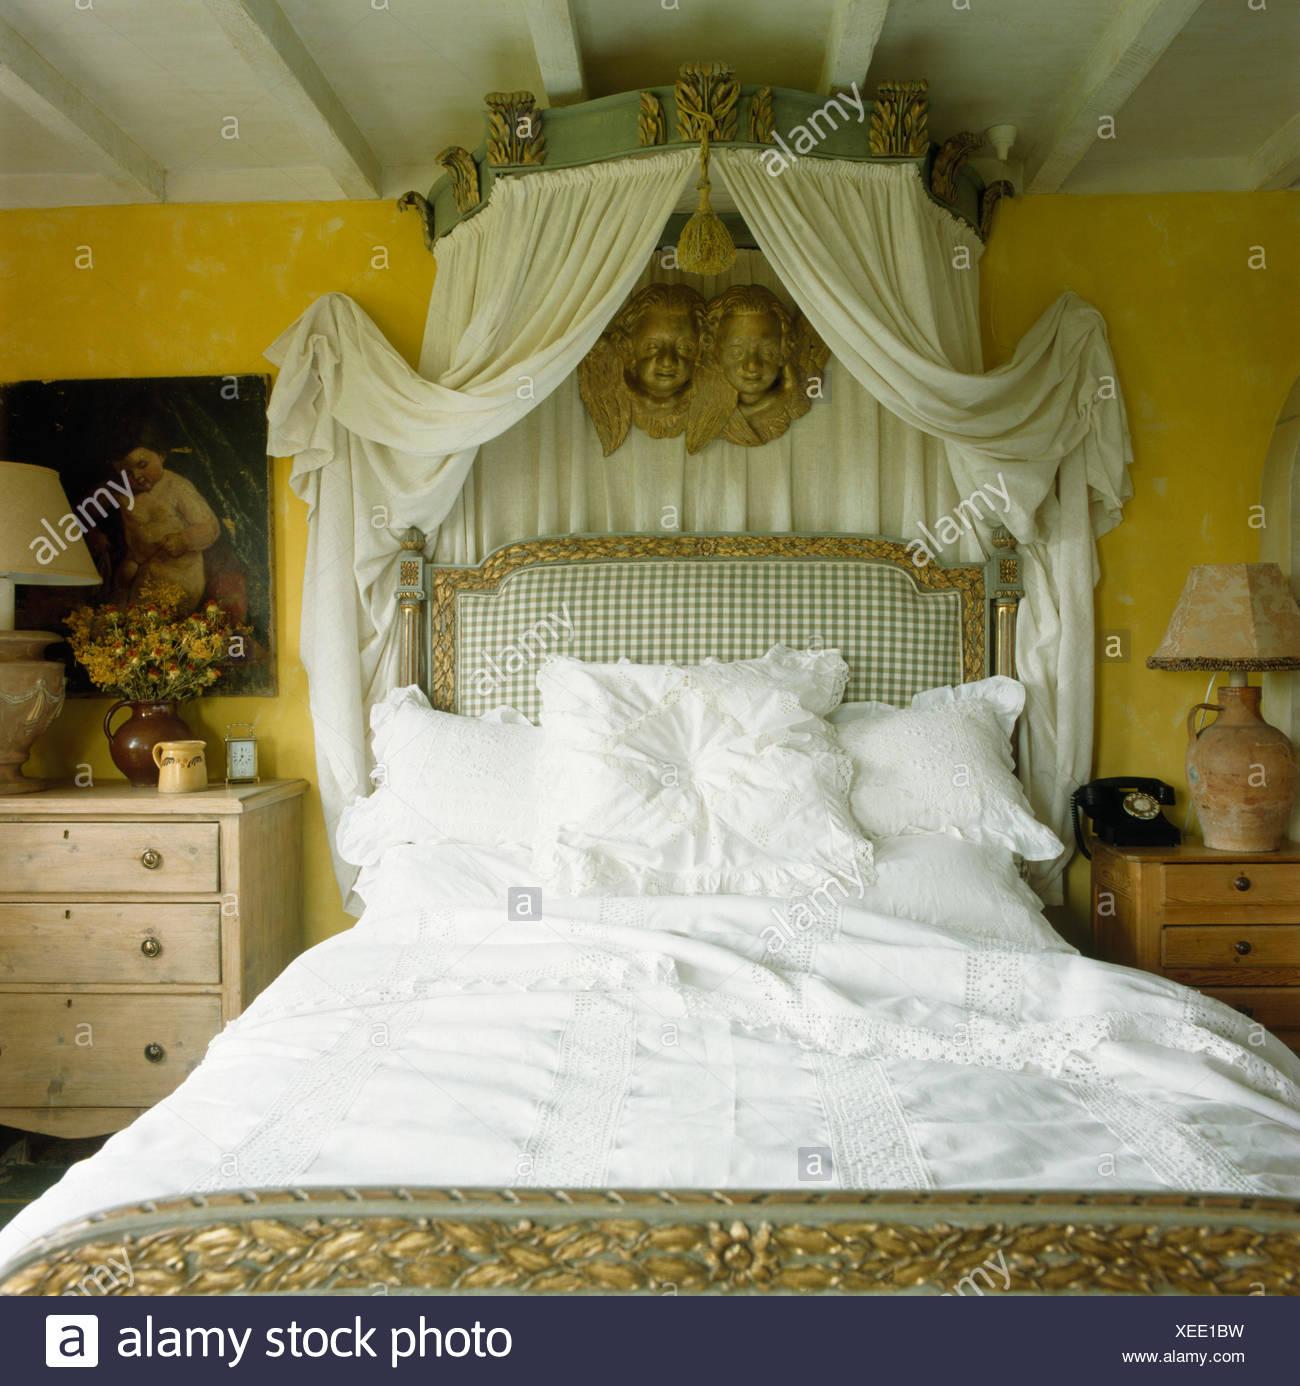 Baldacchino ornati con drappi bianchi sopra il letto ...